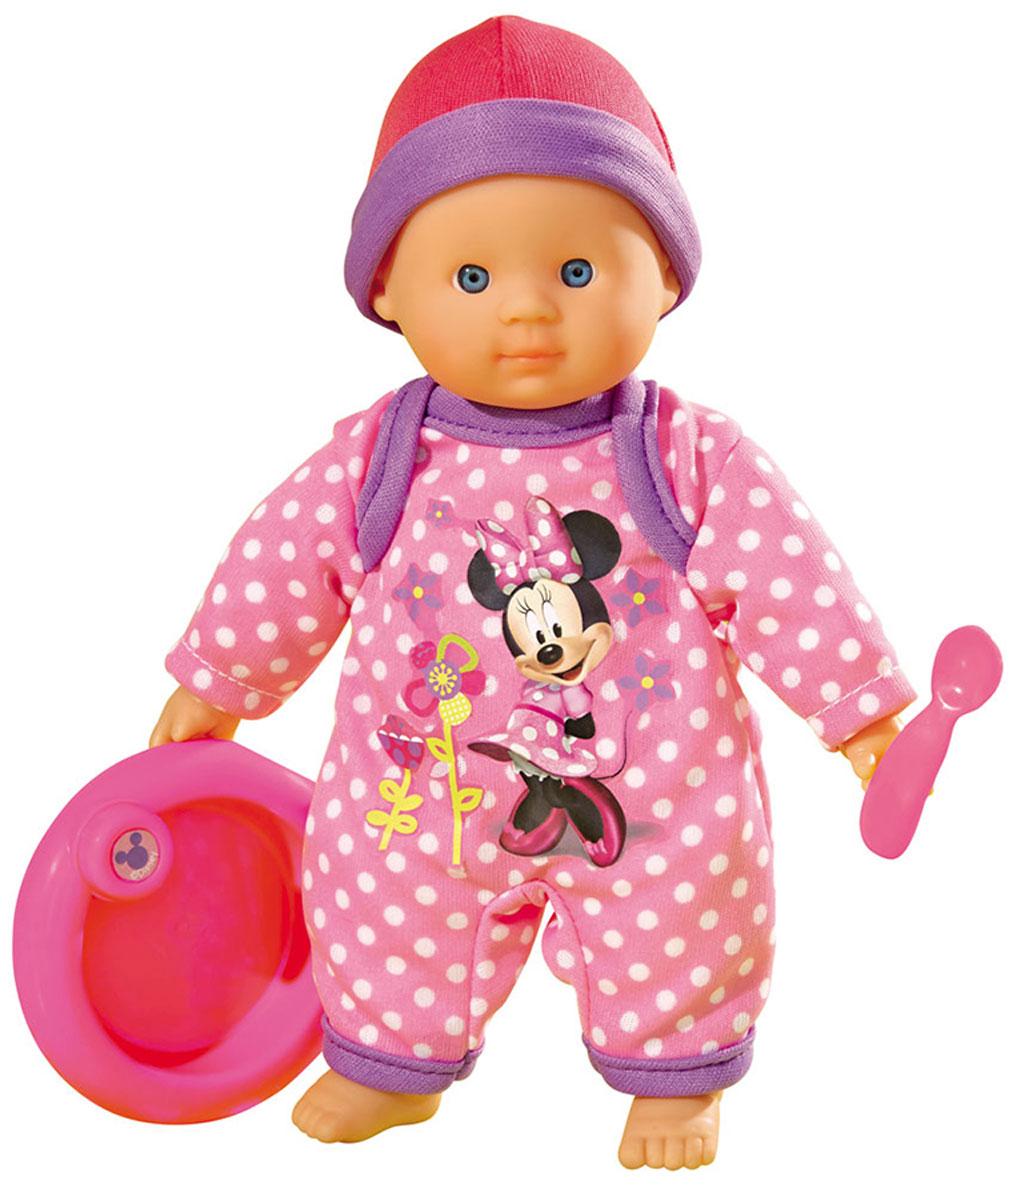 Simba Игровой набор с куклой Minnie Mouse Cute Baby5018123Пупс Minnie Mouse: Cute Baby обязательно понравится вашей малышке! Очаровательная кукла с мягконабивным тельцем одета в розовую пижаму, оформленную изображением Минни Маус, на голове - шапочка в тон ей. В комплект с пупсом входят бутылочка для кормления, ложка и миска, выполненные из пластика, а также темно-розовый комбинезон с капюшоном. Игра с пупсом разовьет в вашей малышке фантазию и любознательность, поможет овладеть навыками общения и научит ролевым играм, воспитает чувство ответственности и заботы. Порадуйте свою малышку таким великолепным подарком! Характеристики: Материал: пластик, текстиль. Высота пупса: 20 см. Размер упаковки (ДхШхВ): 22 см x 22 см x 6,5 см. Изготовитель: Китай.